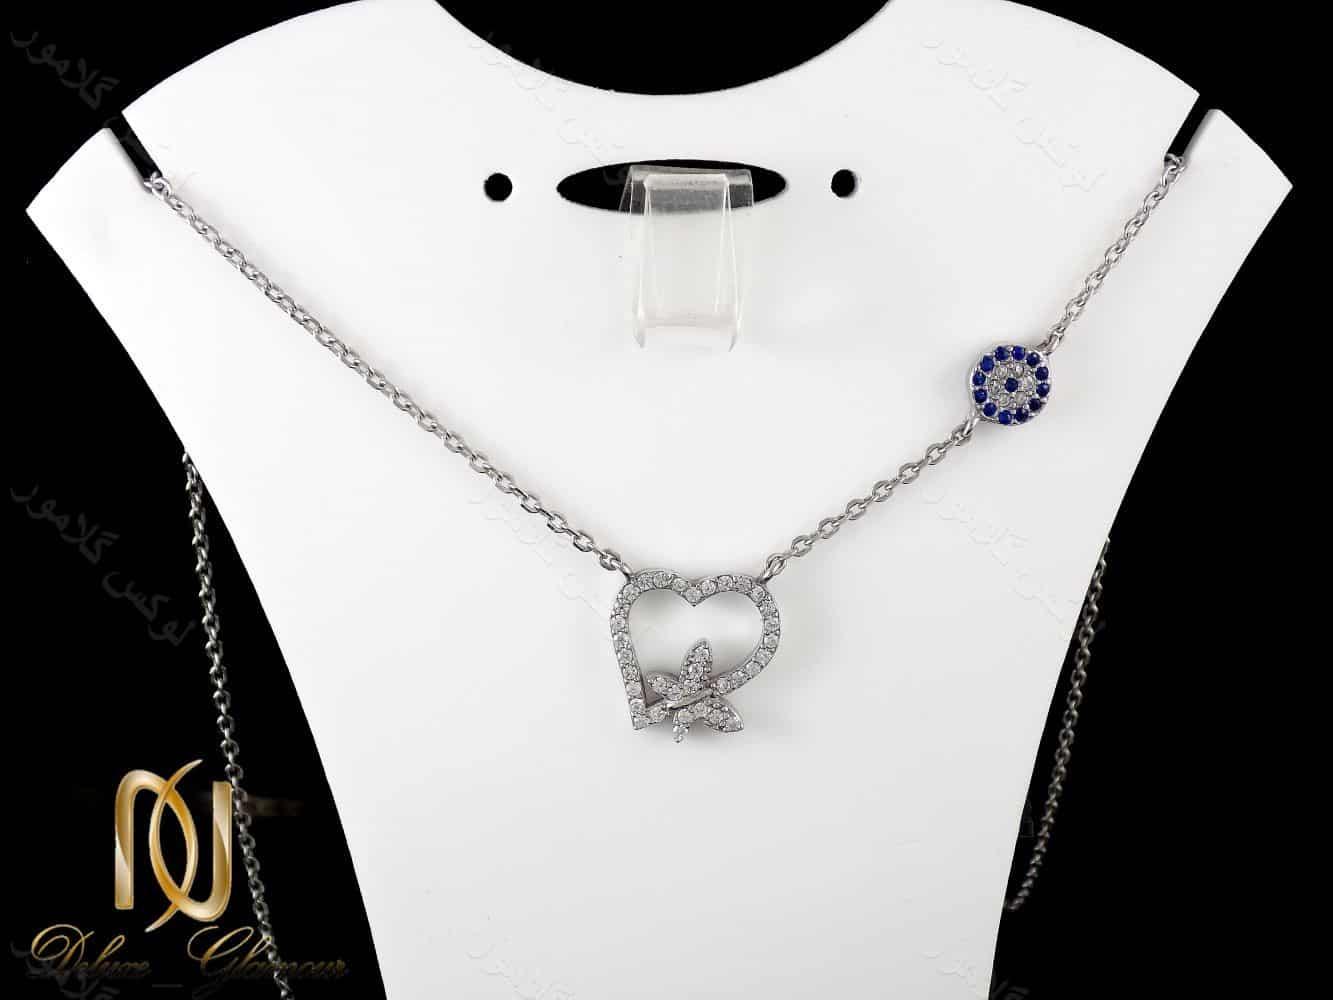 گردنبند نقره دخترانه طرح قلب و پروانه با نگین های سفید زیرکونیا nw-n161